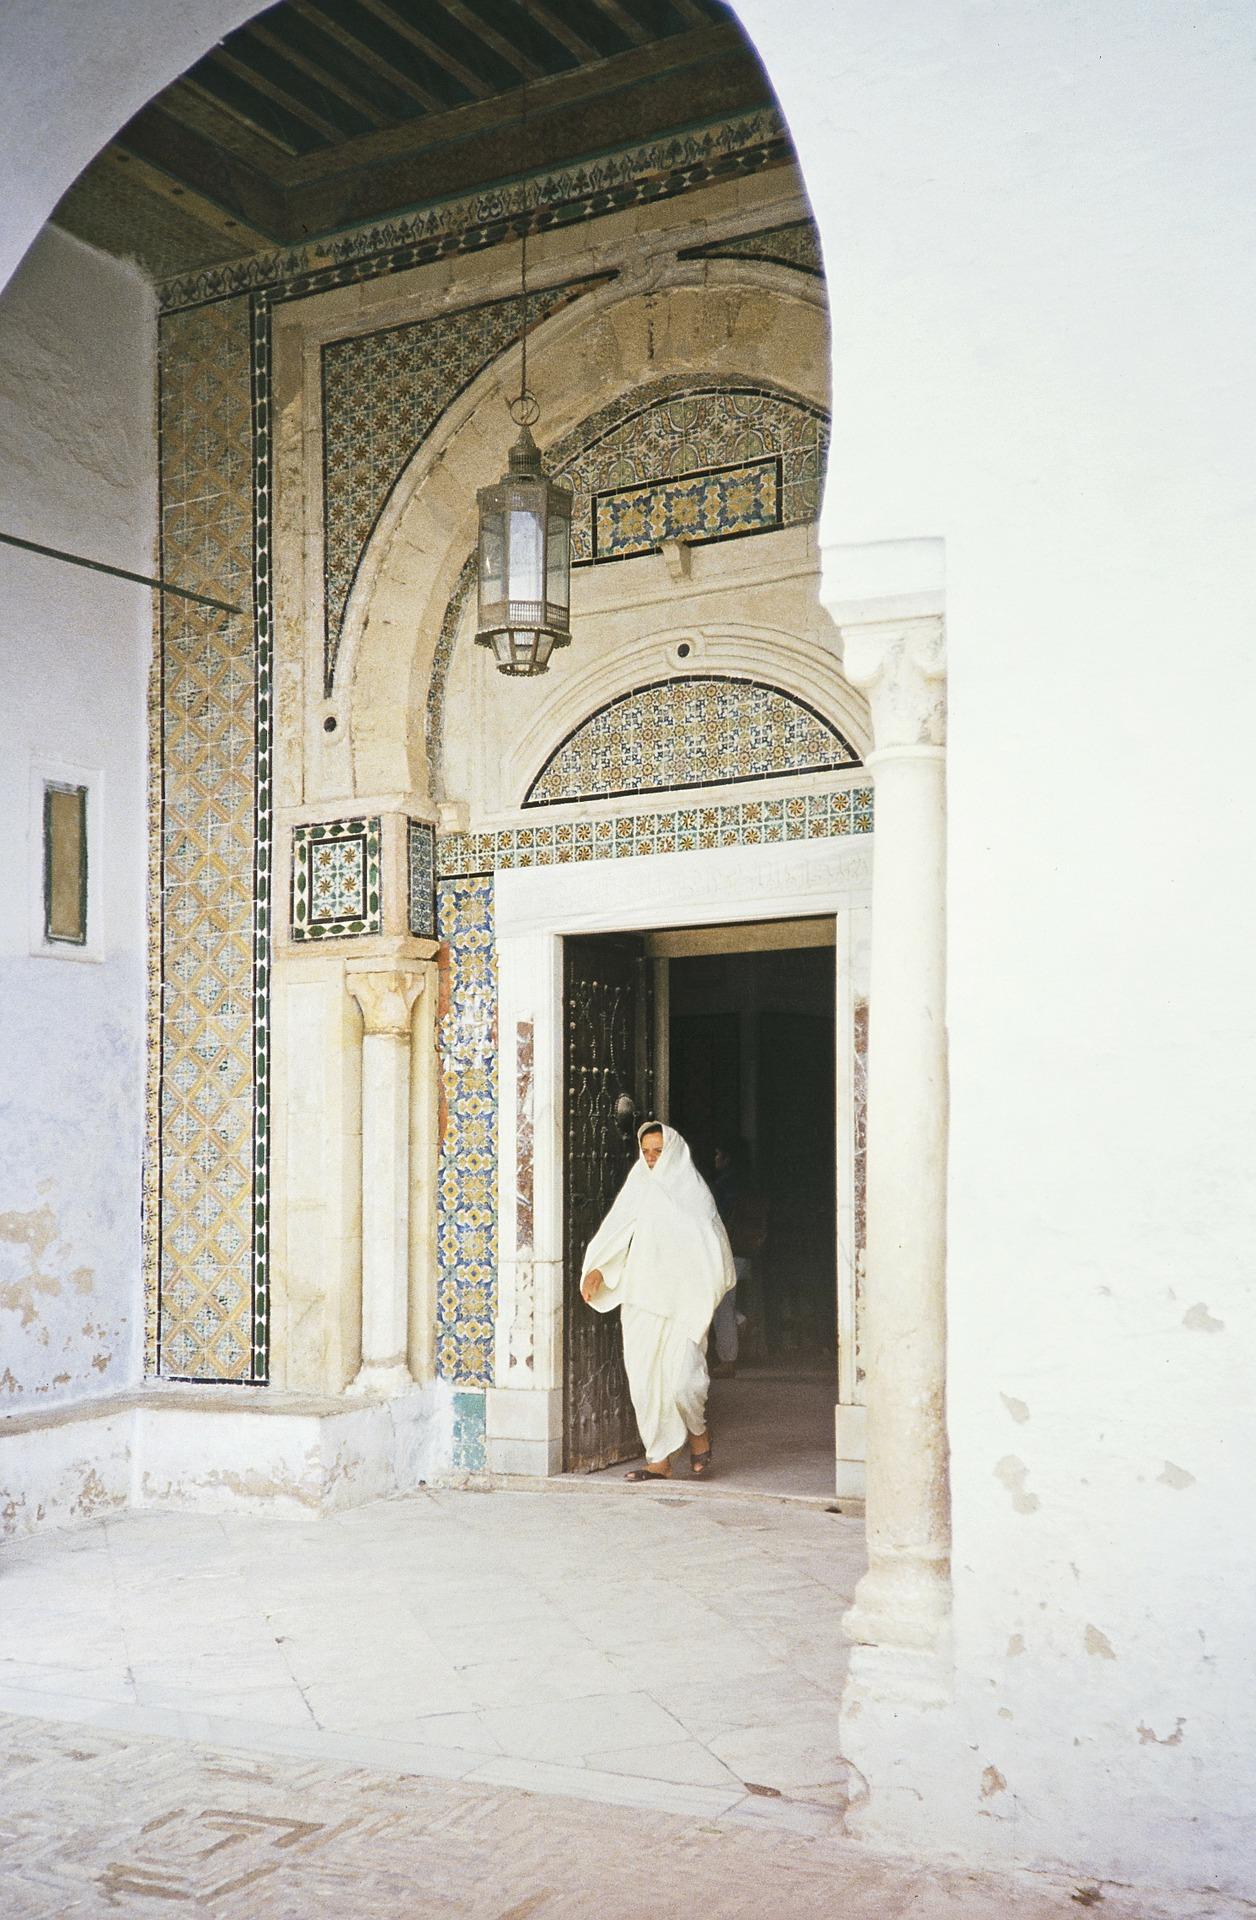 Mosque Entrance, Activity, Architecture, Building, Construction, HQ Photo